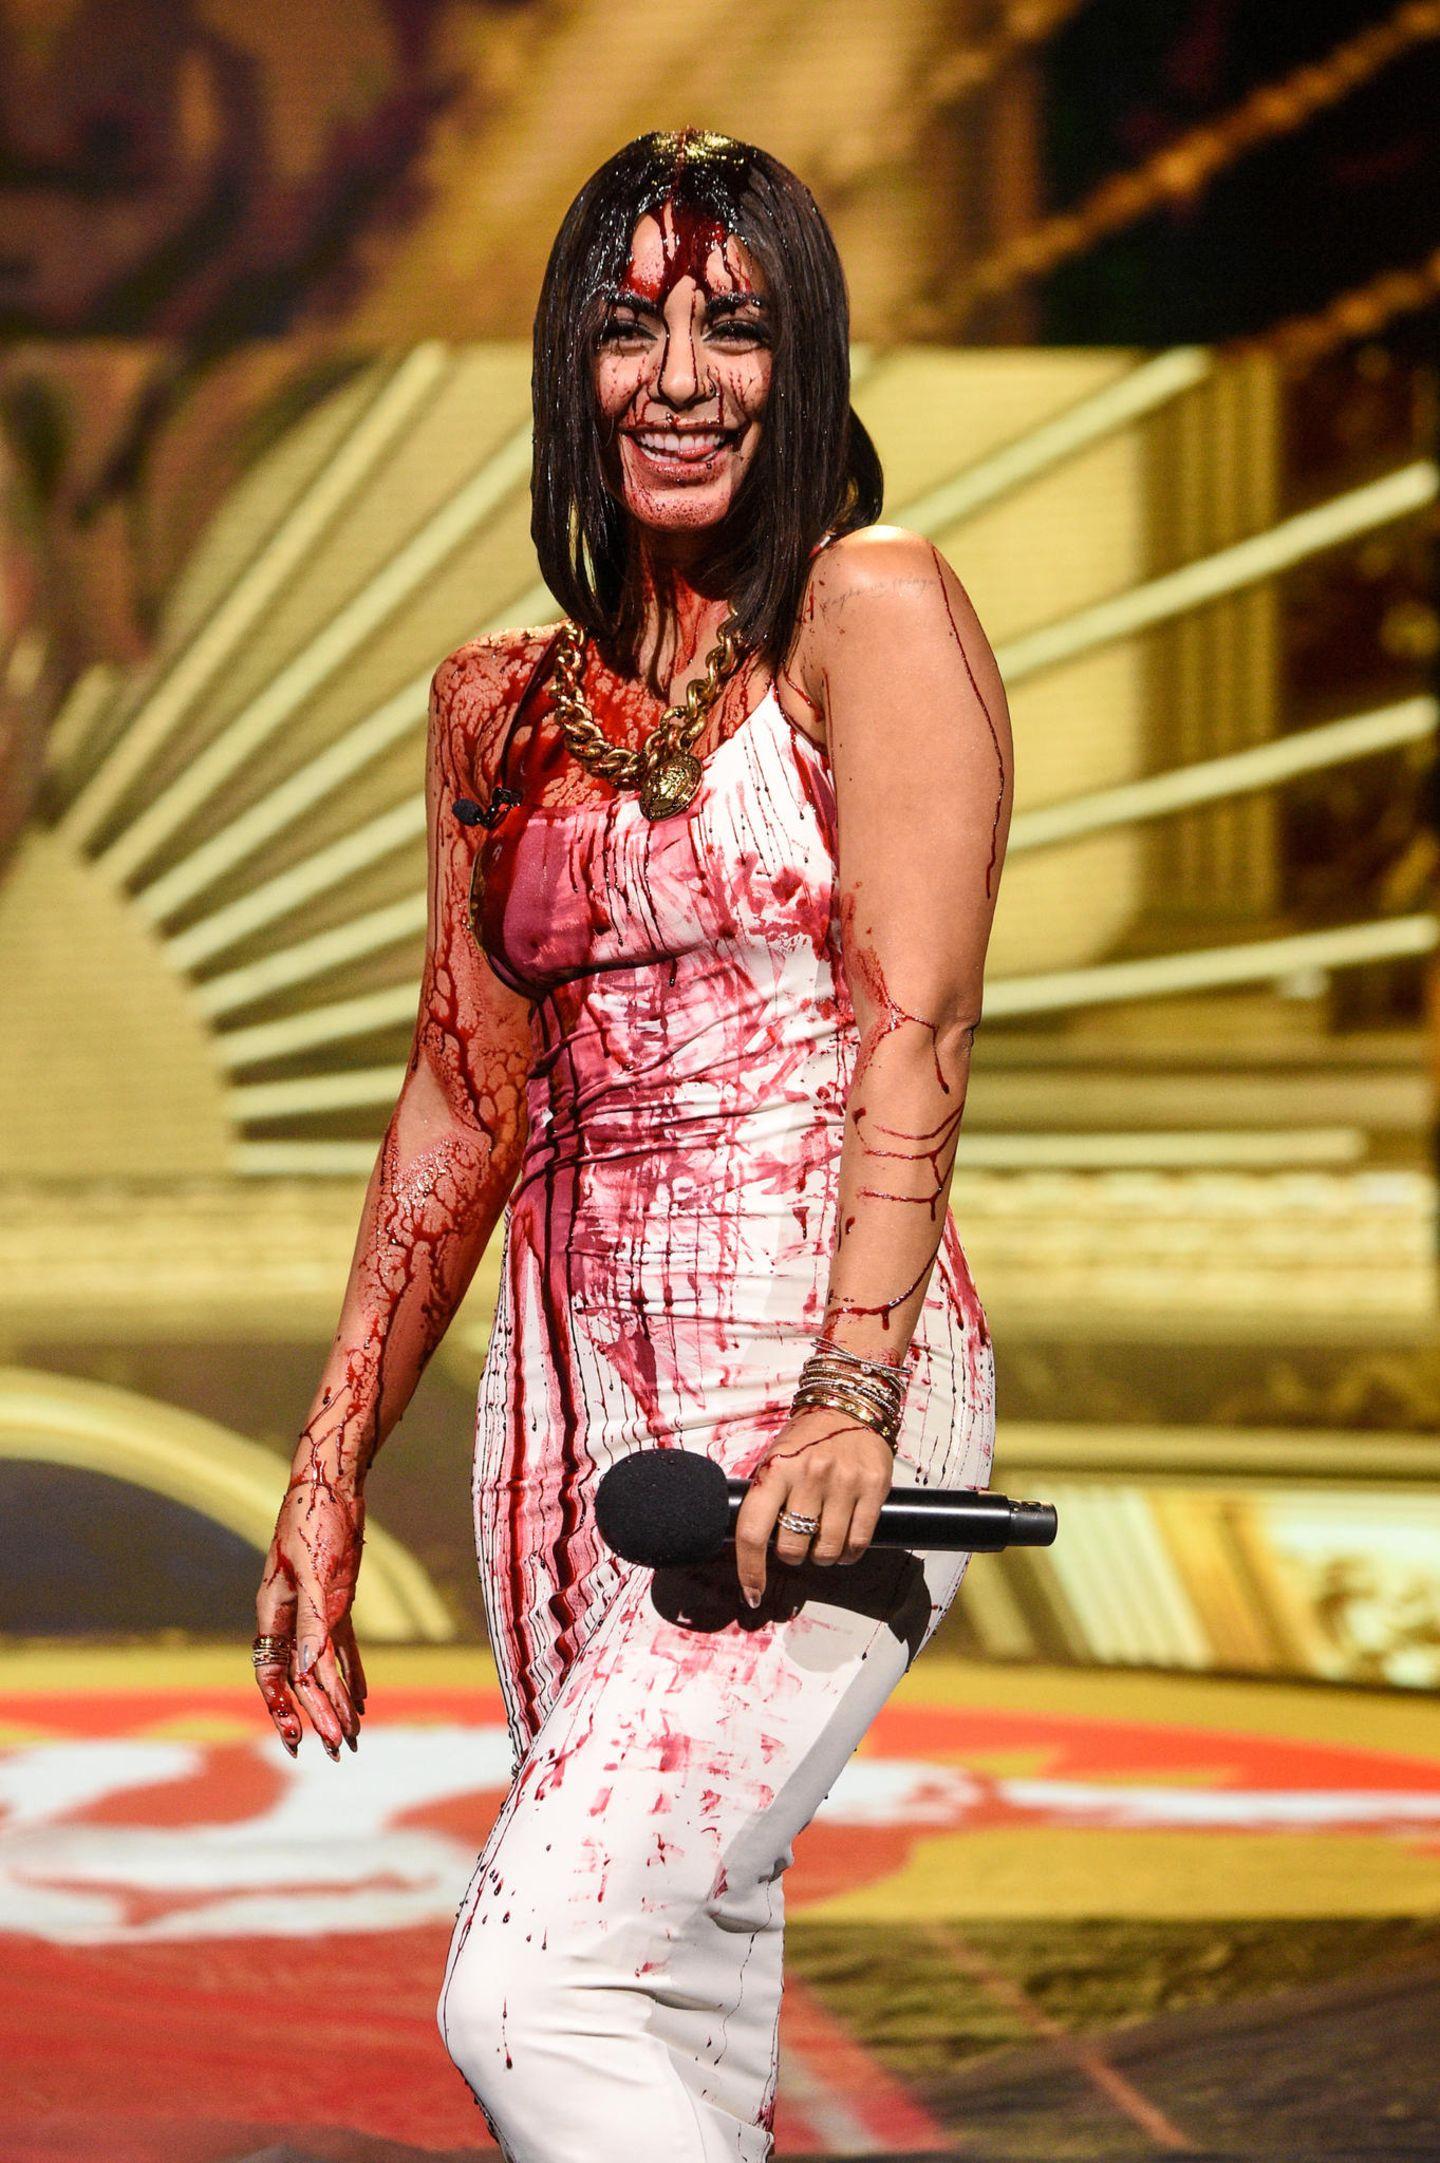 6. Dezember 2020  Blutbad auf der Bühne:Moderatorin Vanessa Hudgens kann sich bei den MTV Movie & TV Awards über eine kräftige Dusche mit Kunstblut freuen. Was tut man nicht alles für einen guten Grusel-Effekt?!